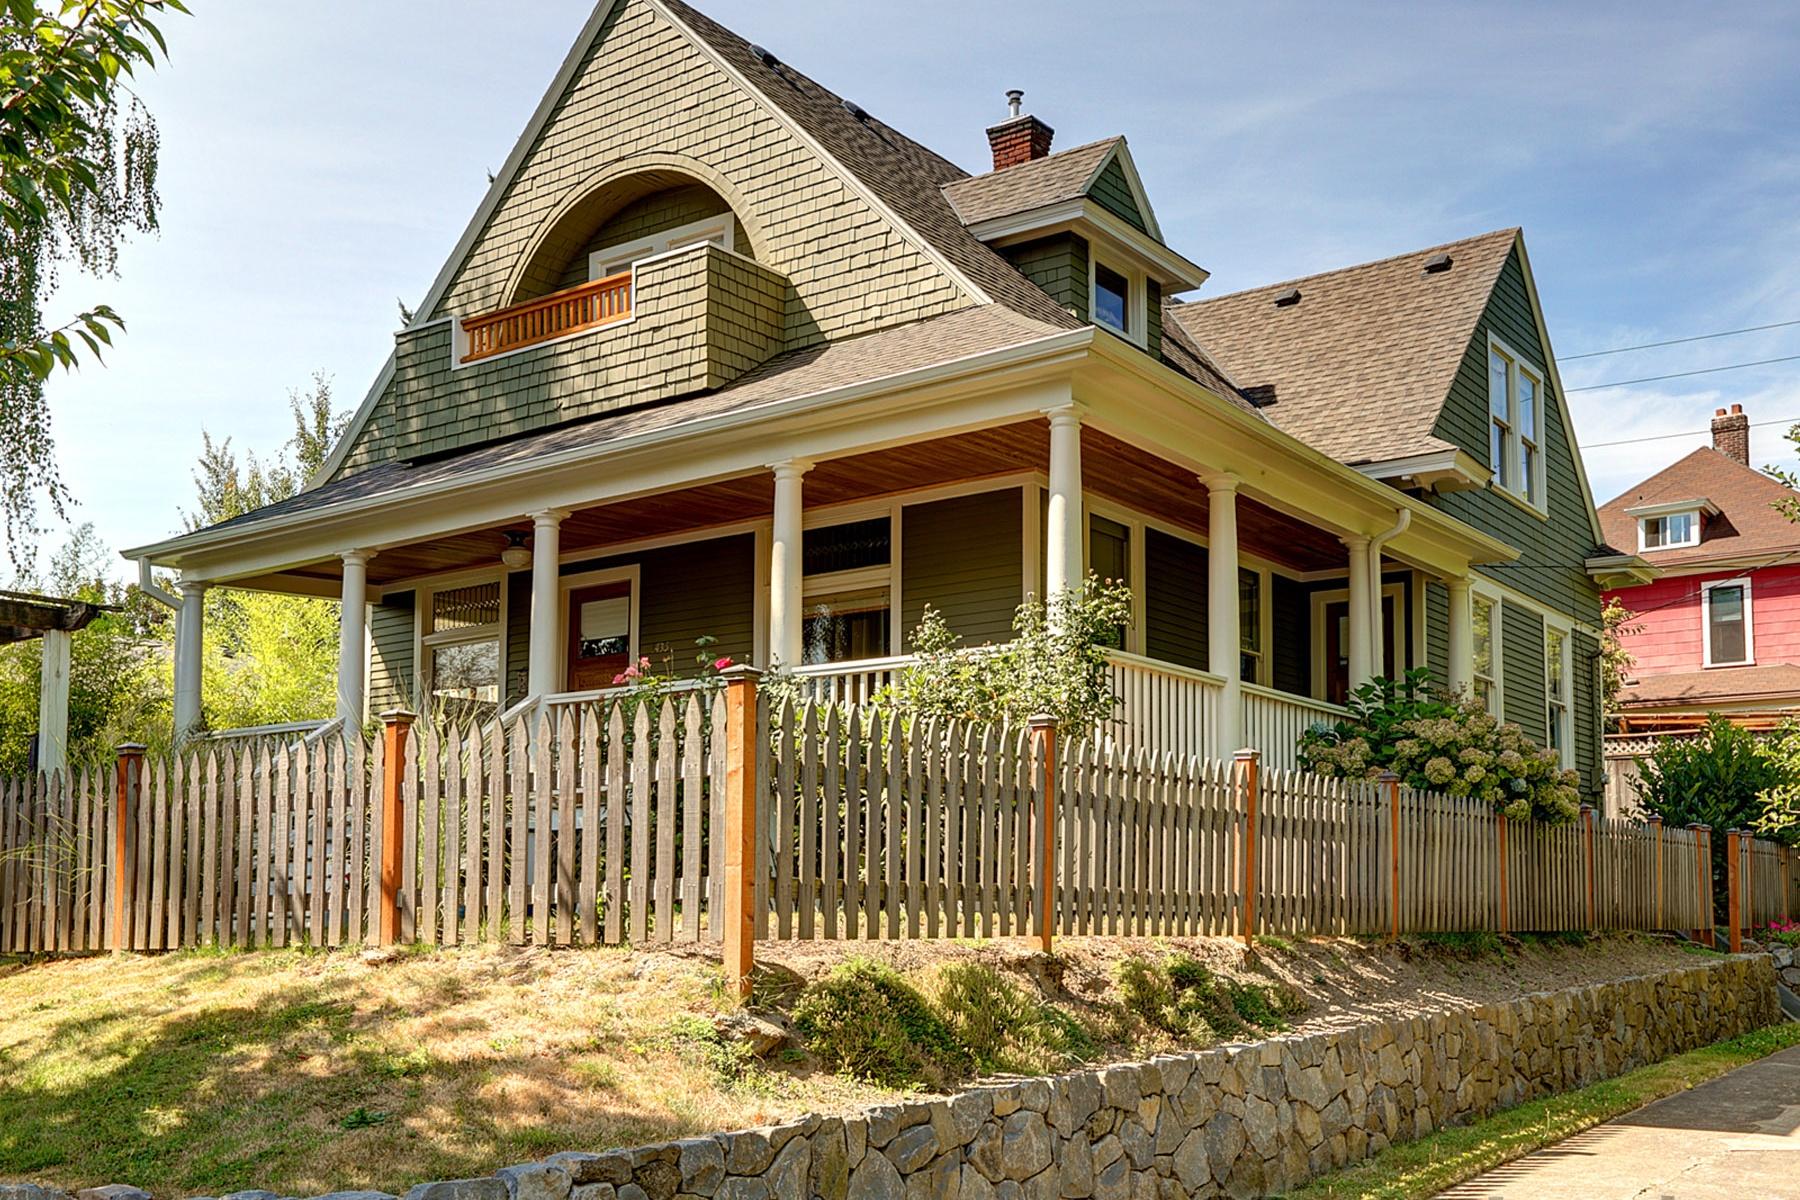 独户住宅 为 销售 在 Stunning Hawthorne Classic 1435 SE SALMON St 波特兰, 俄勒冈州, 97214 美国